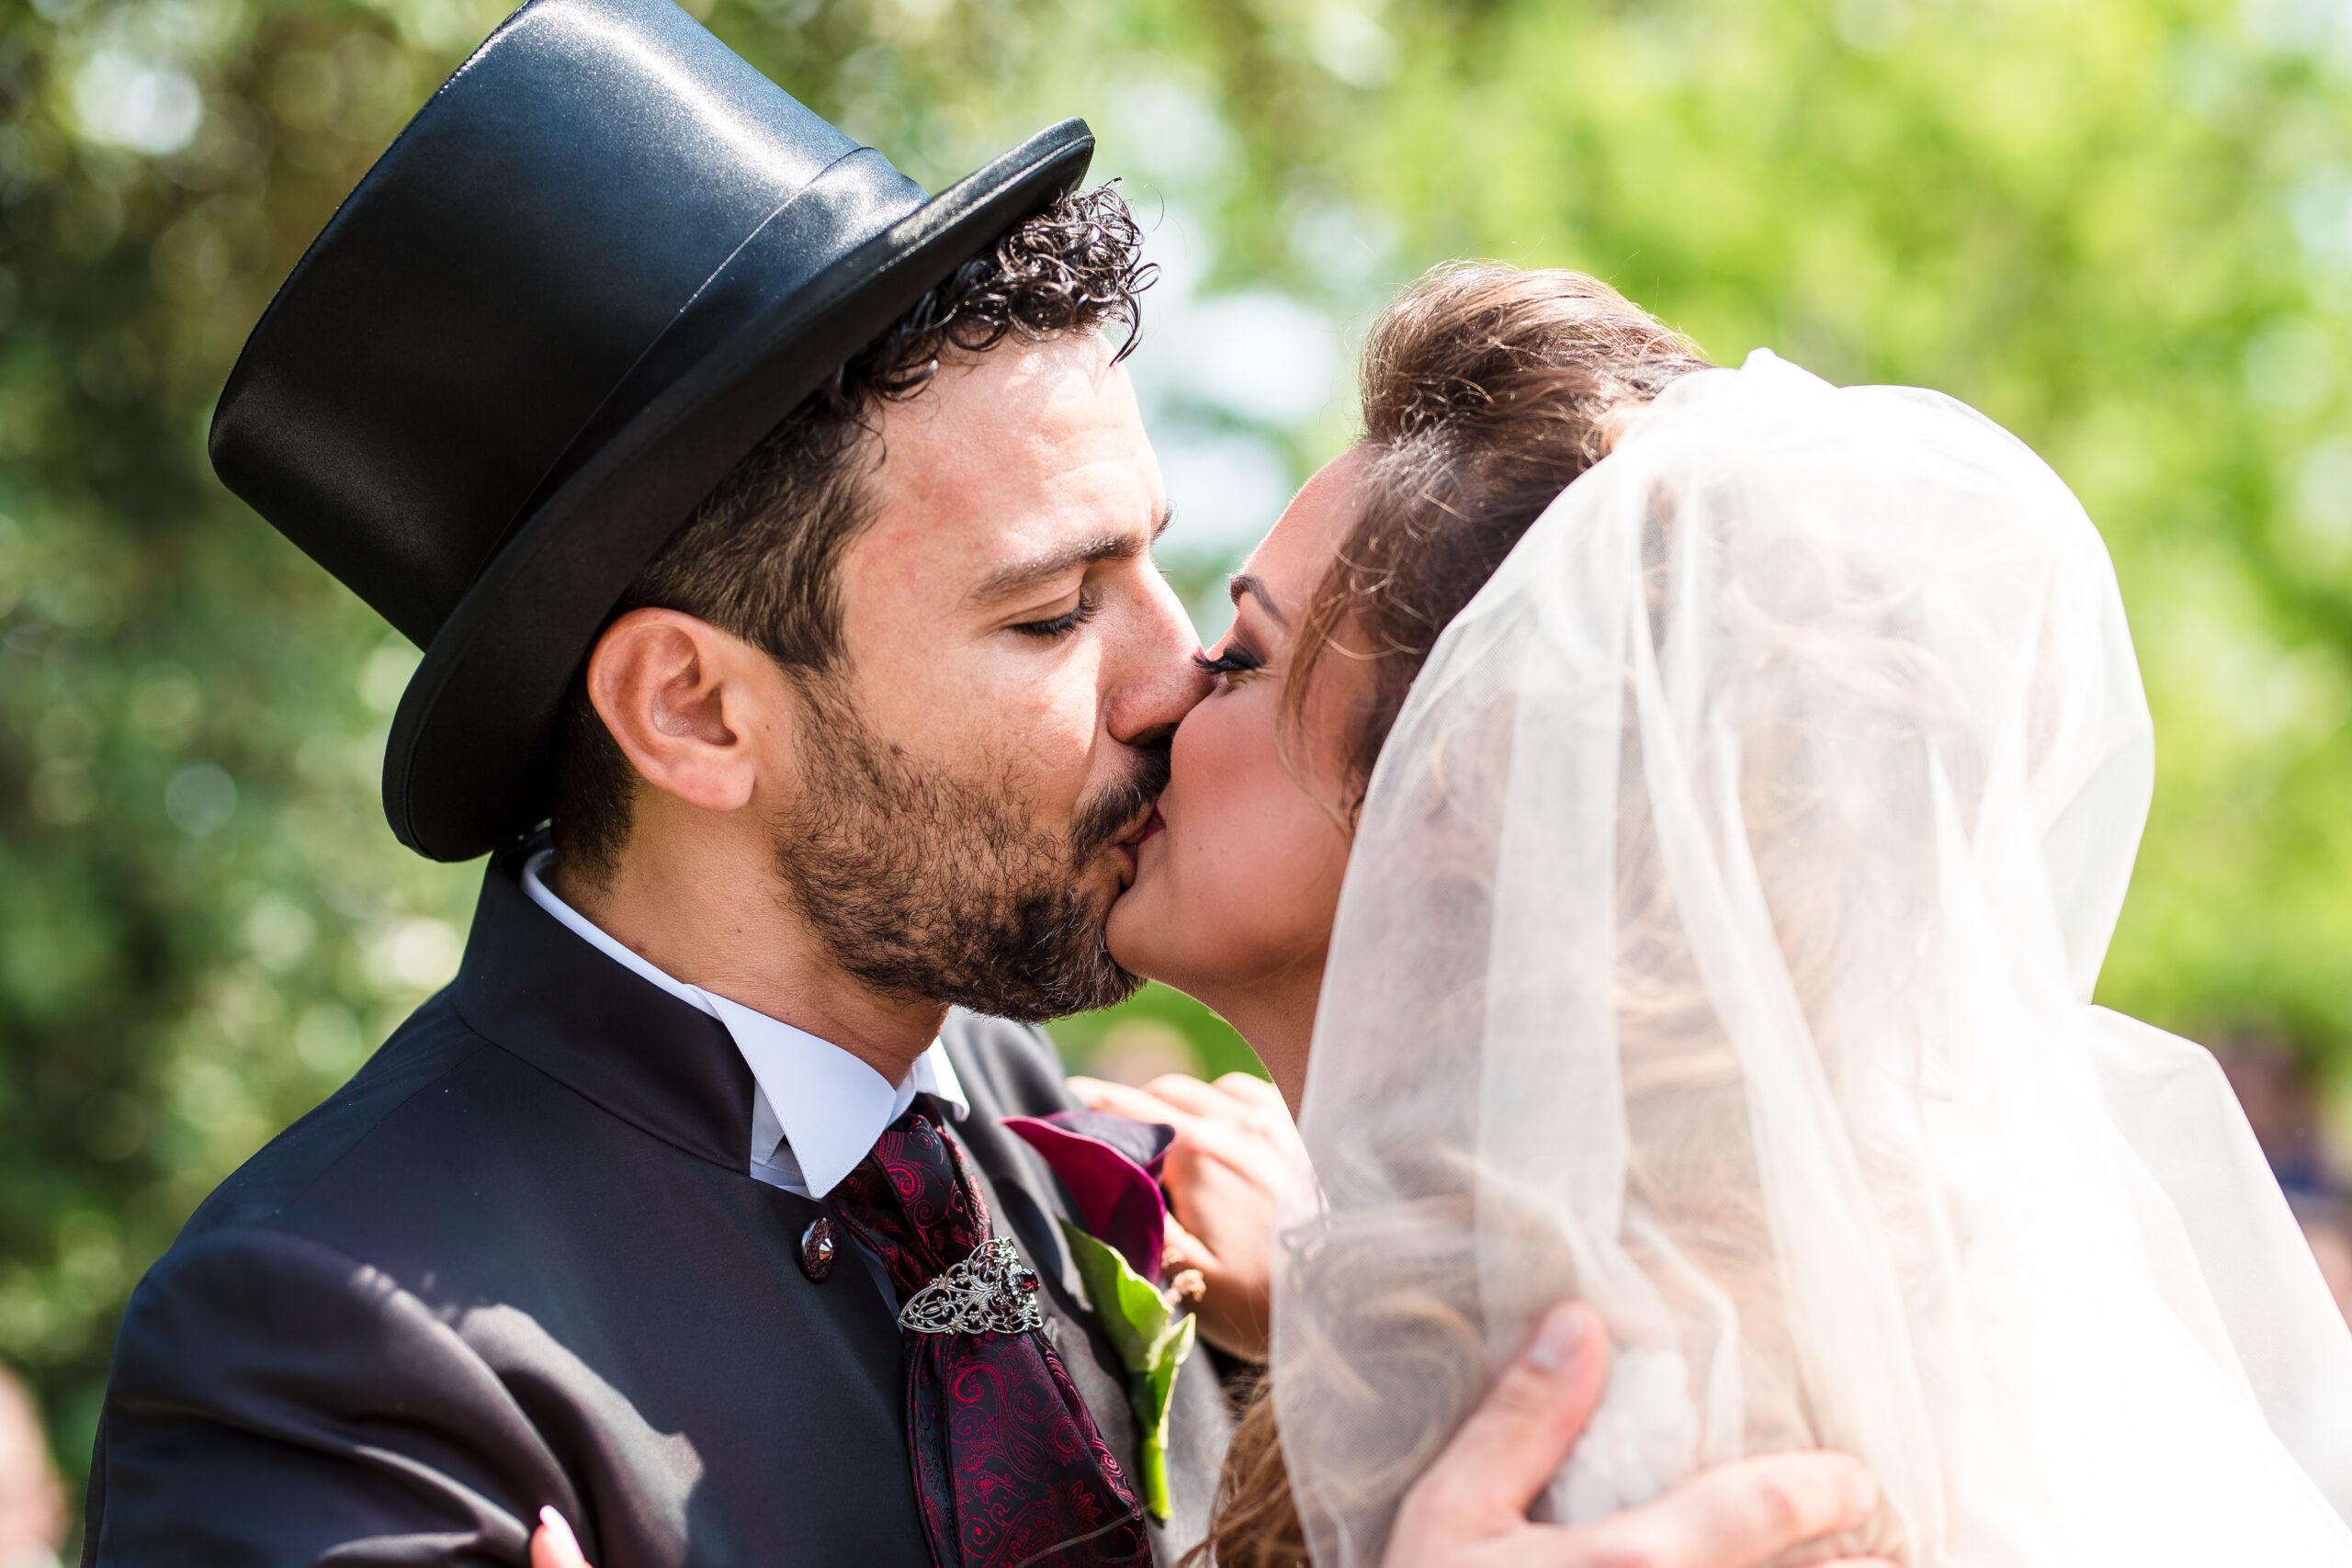 il bacio tra gli sposi